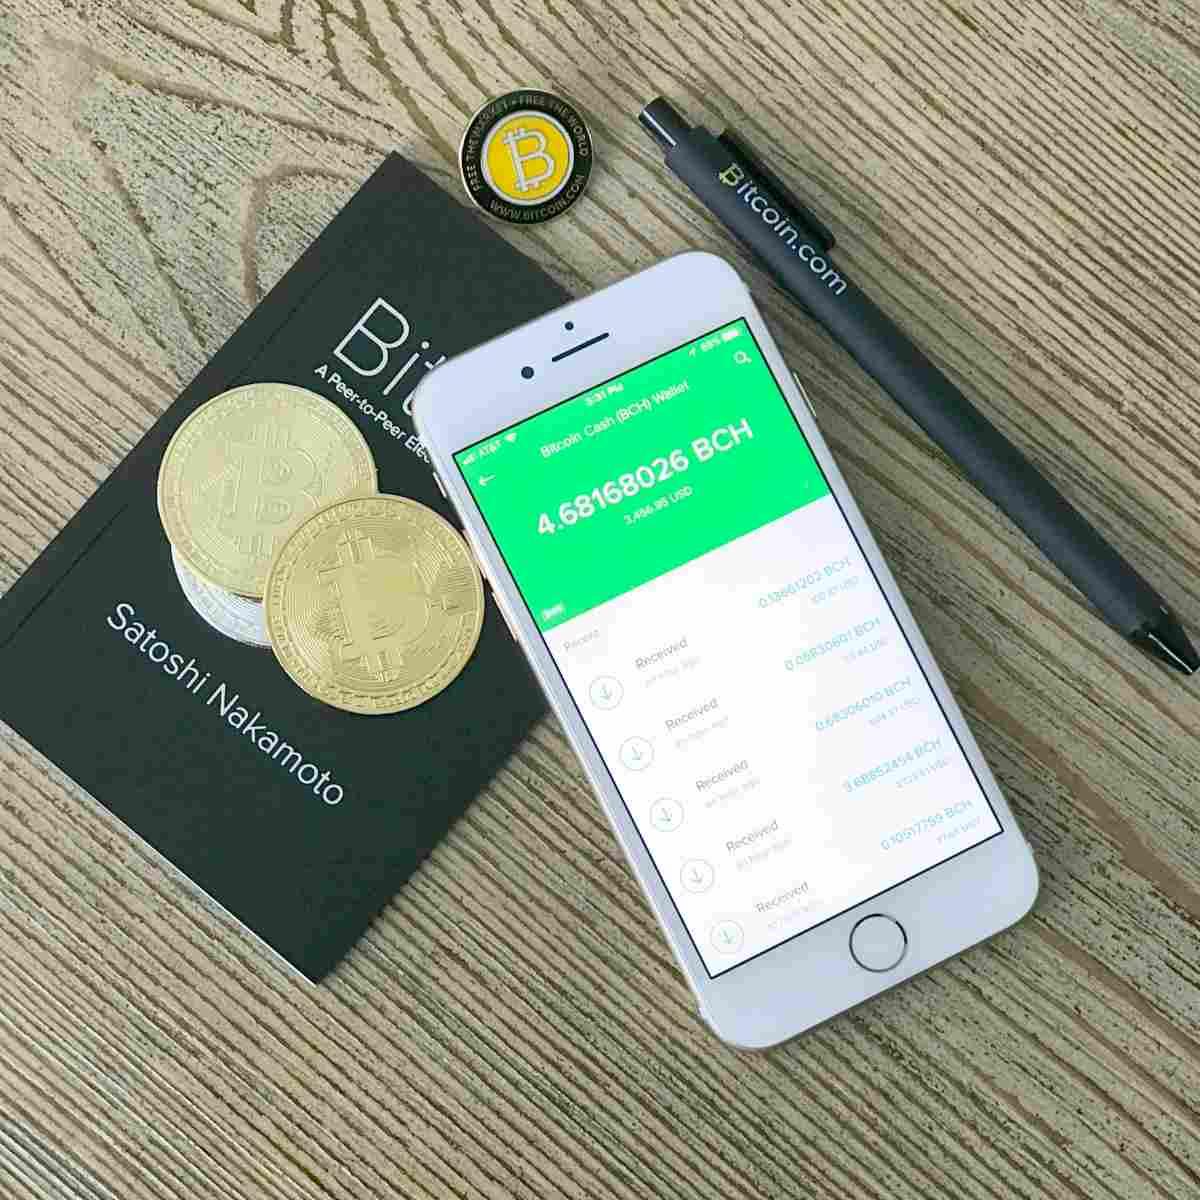 bitcoin cash wallet | How To Use Coinbase | coinbase | Bitcoin